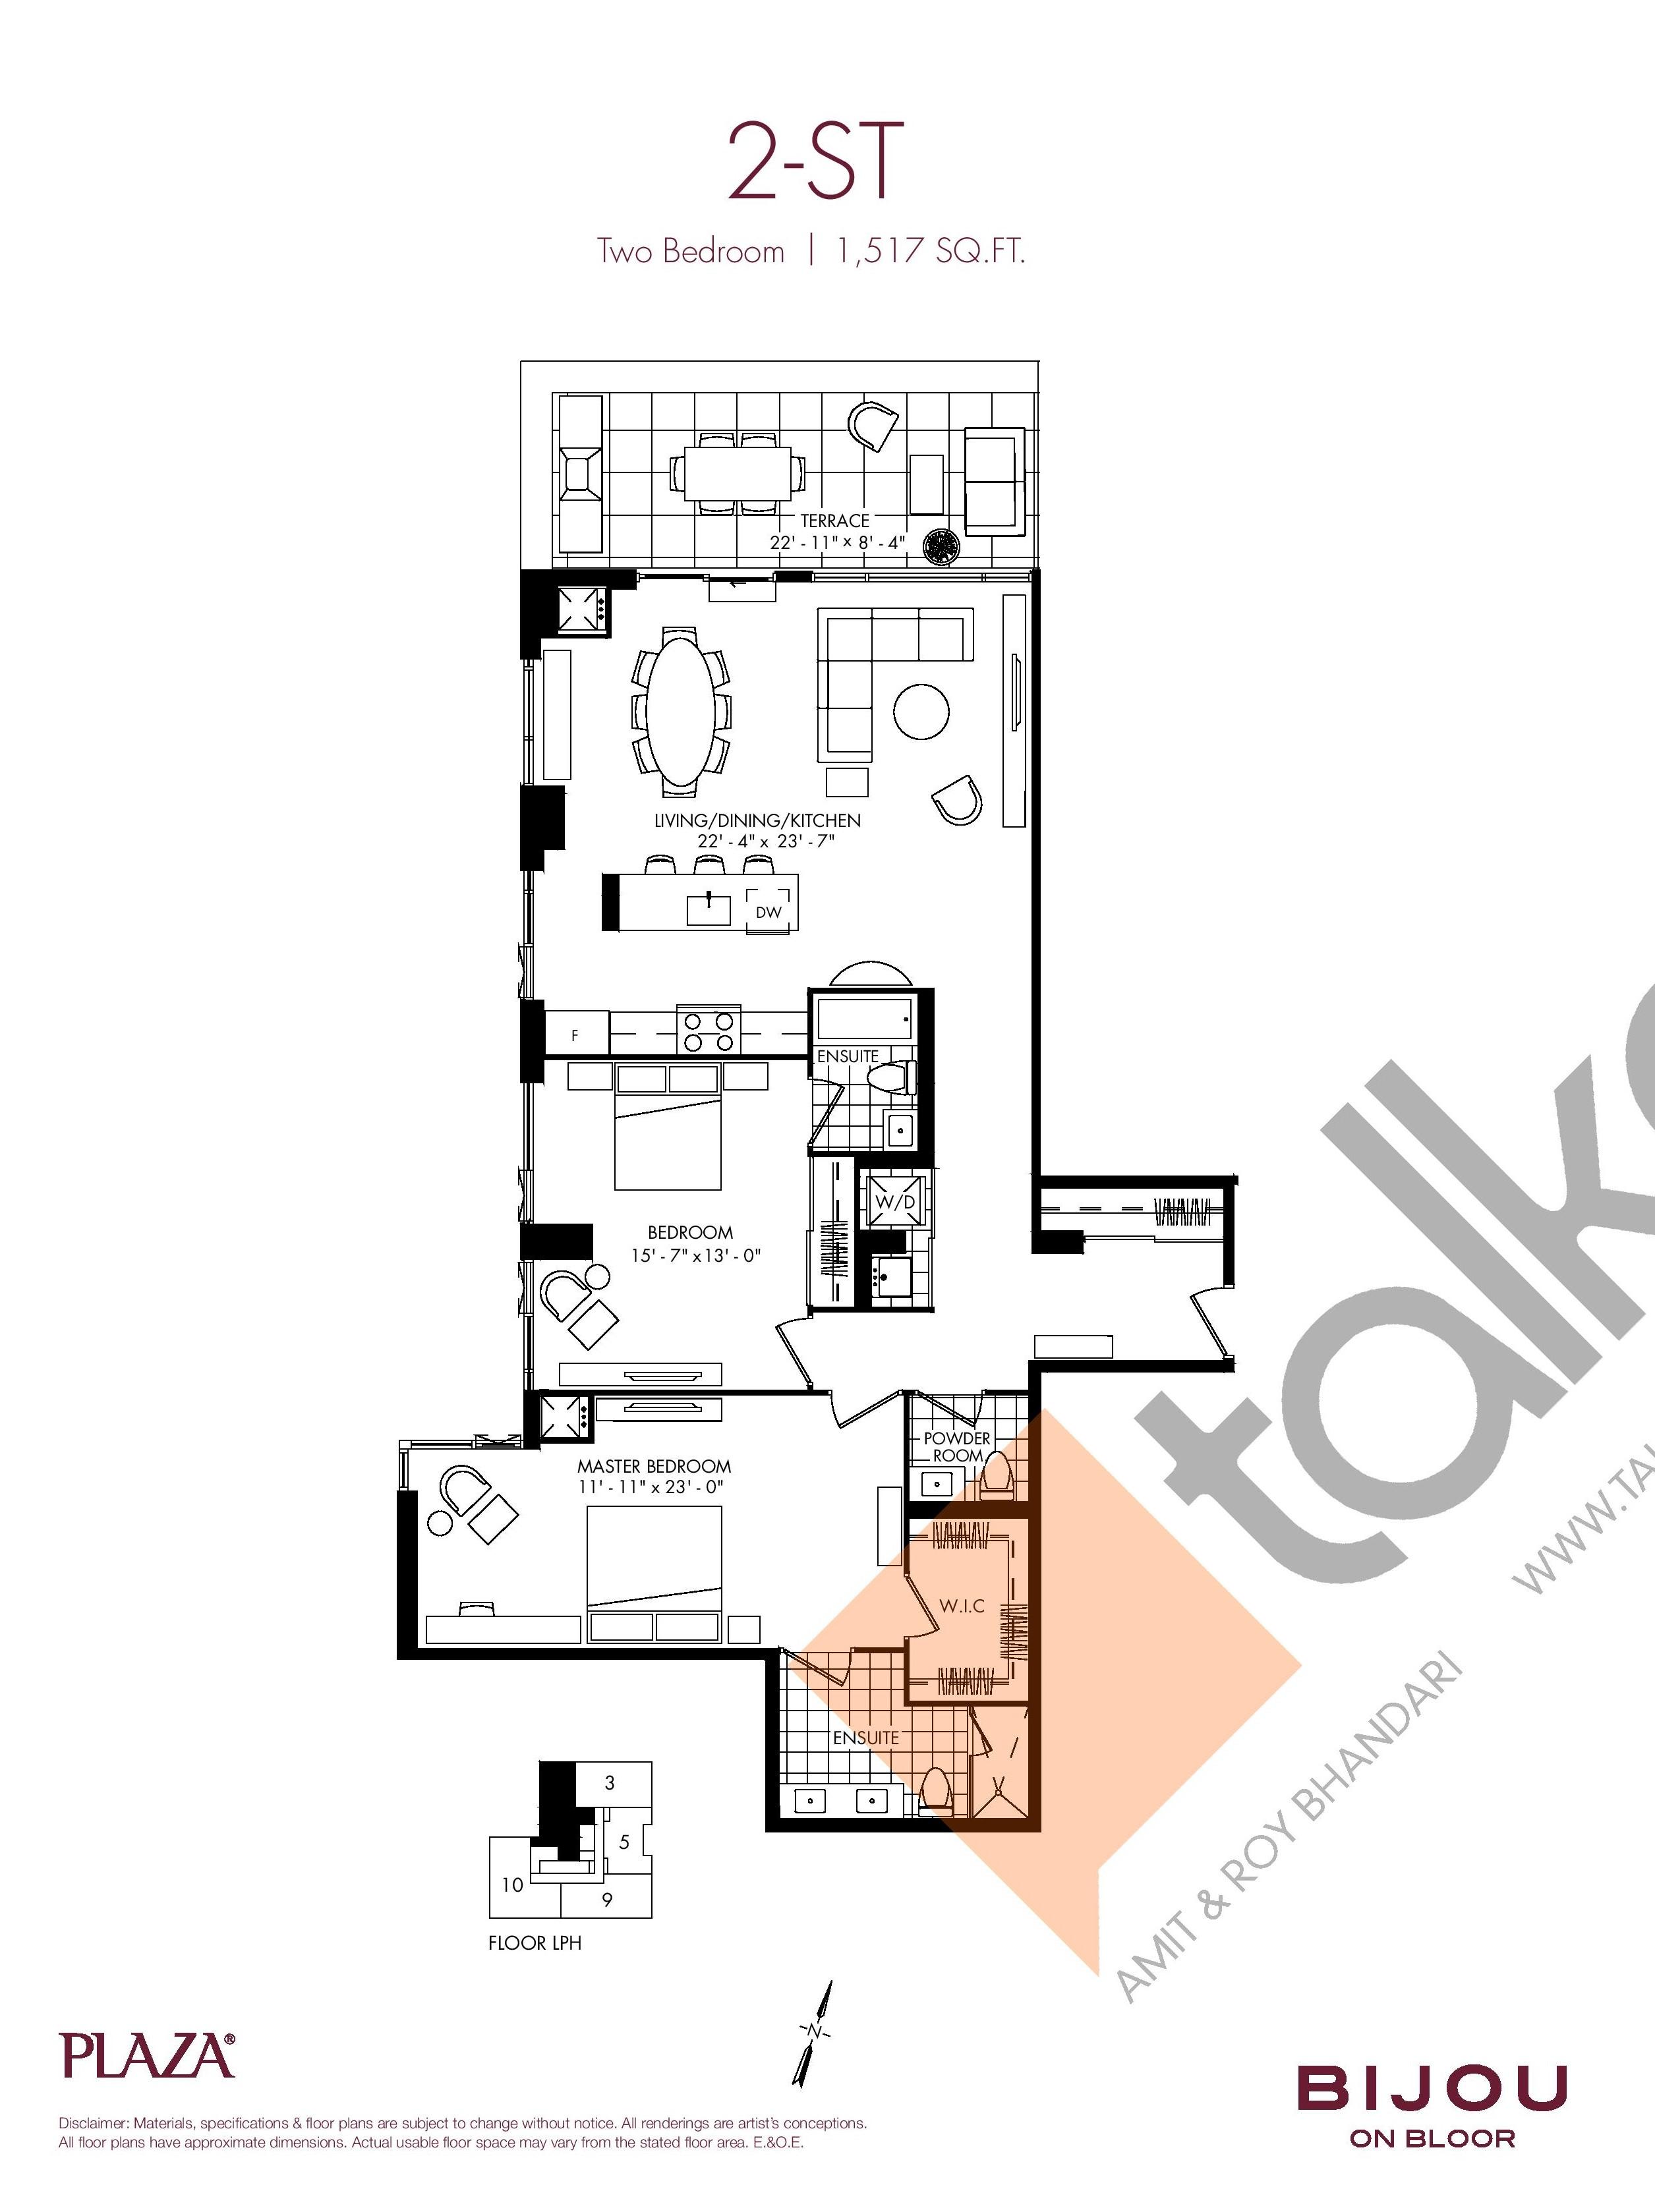 2-ST Floor Plan at Bijou On Bloor Condos - 1517 sq.ft